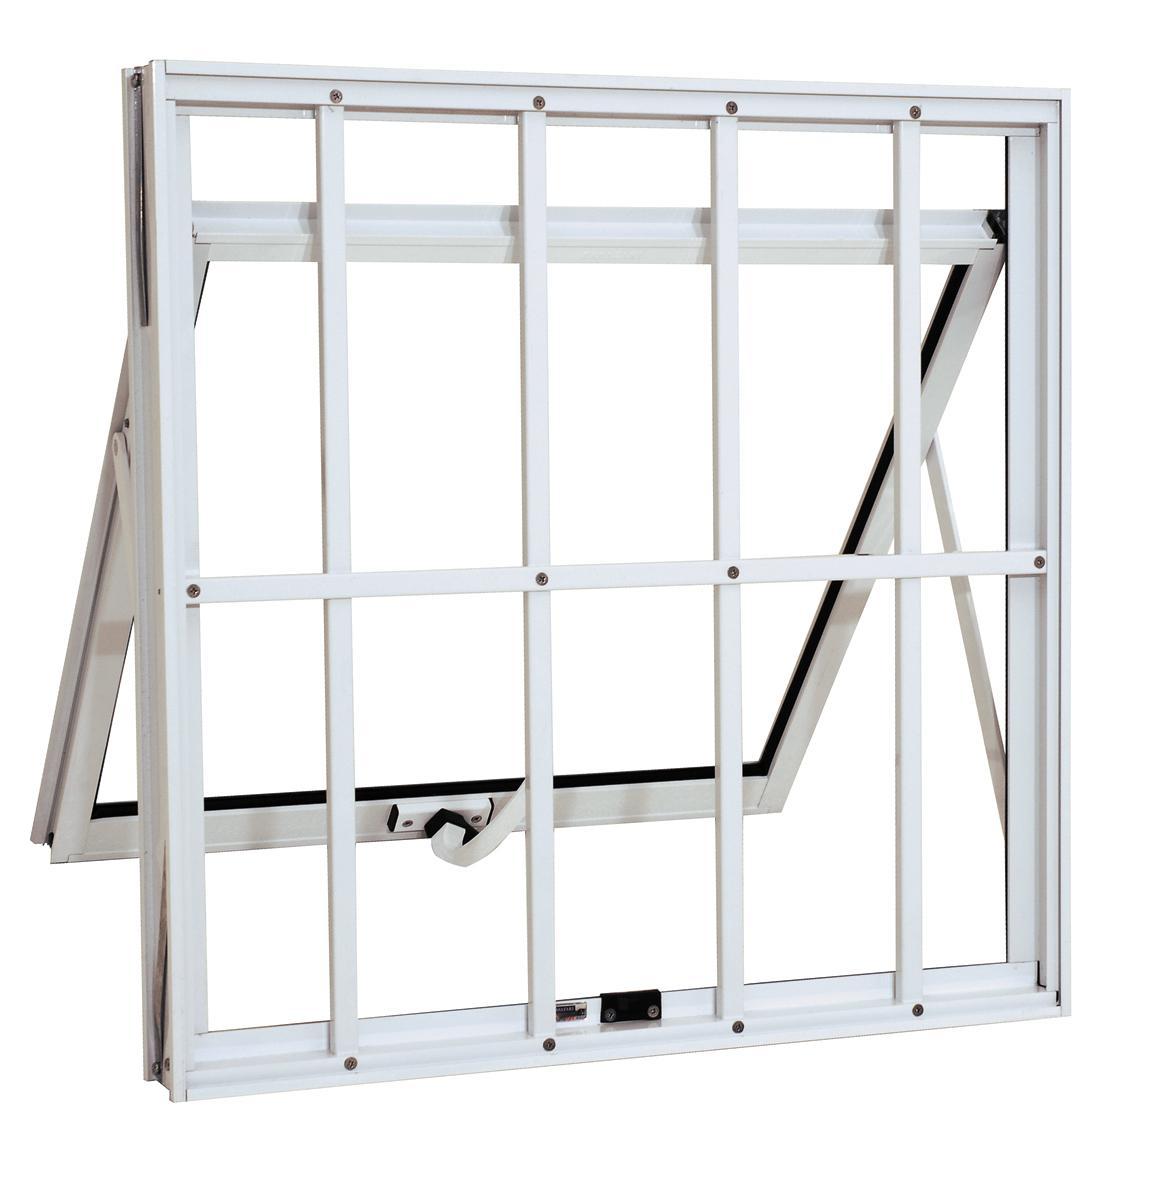 Lili em construção: Telhado portas e janelas.. #586173 1165 1181